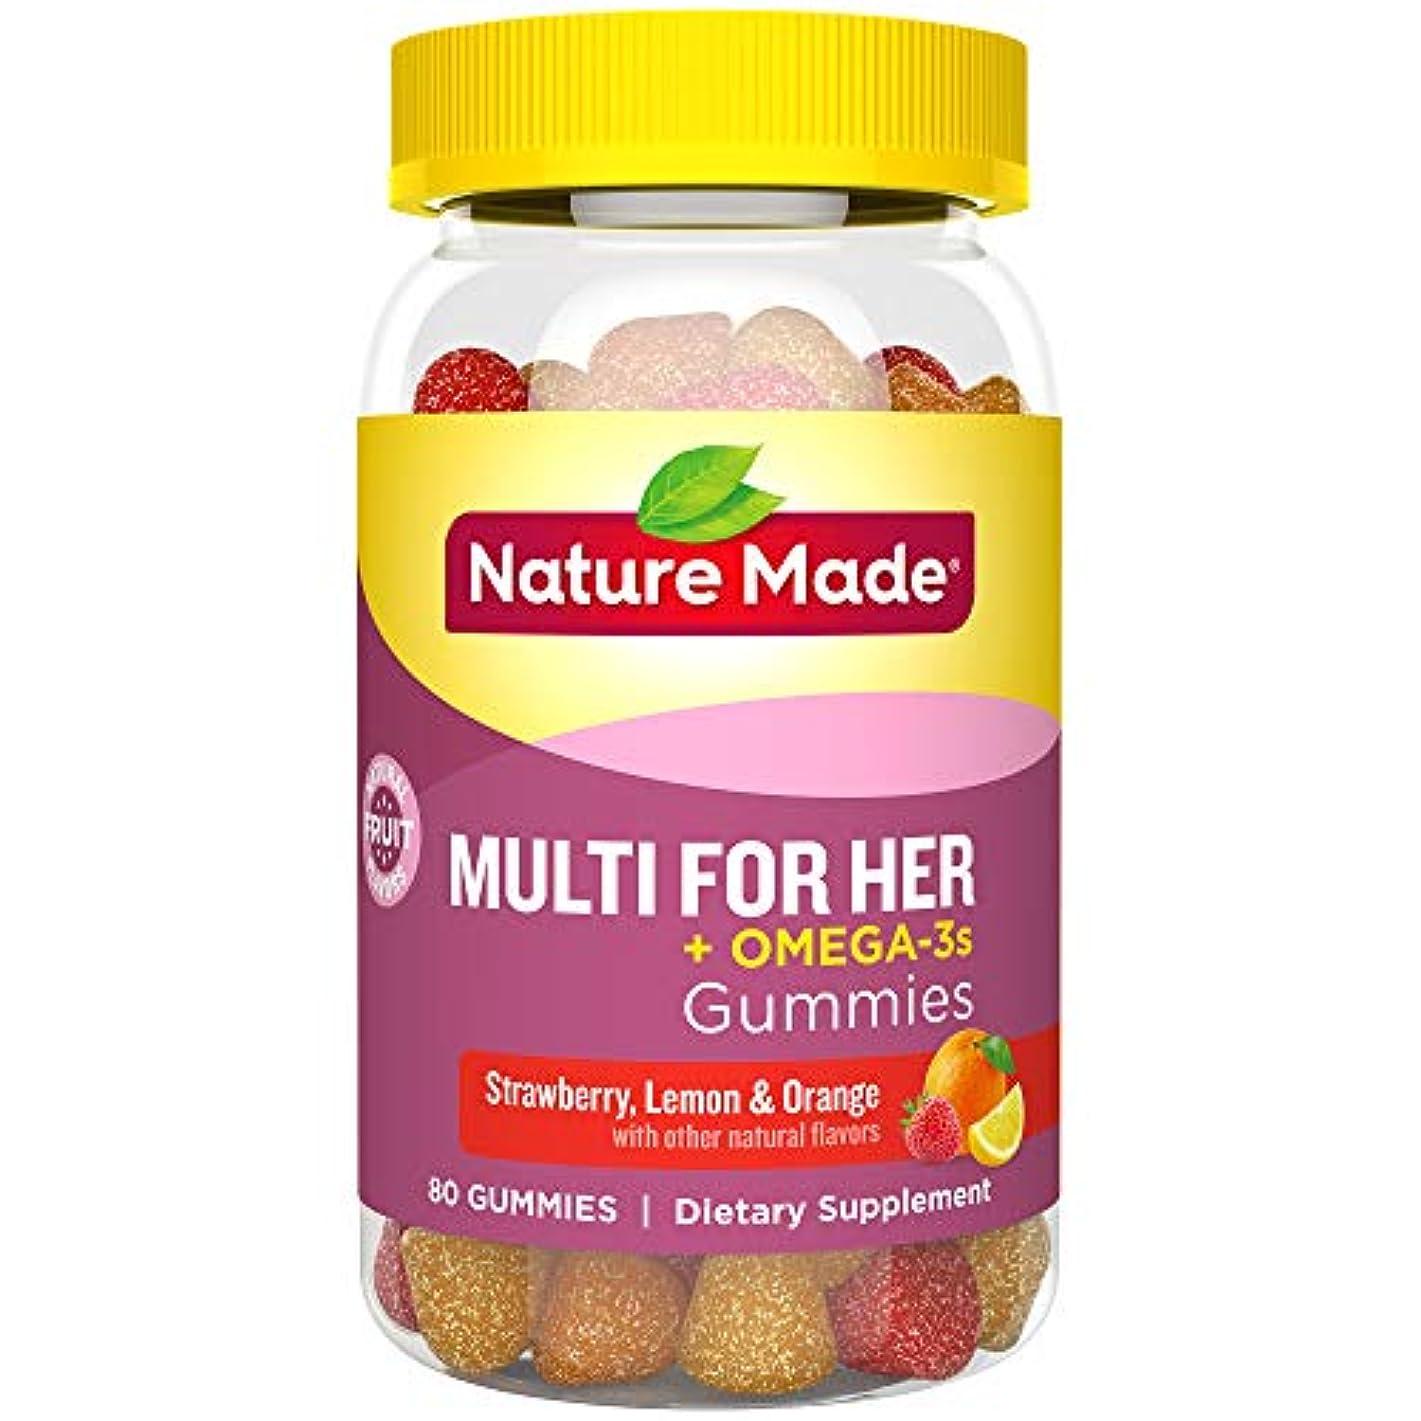 認知オーストラリア人ラジカルNature Made Multi for Her + Omega-3 Adult Gummies EPA and DHA 80Gummies